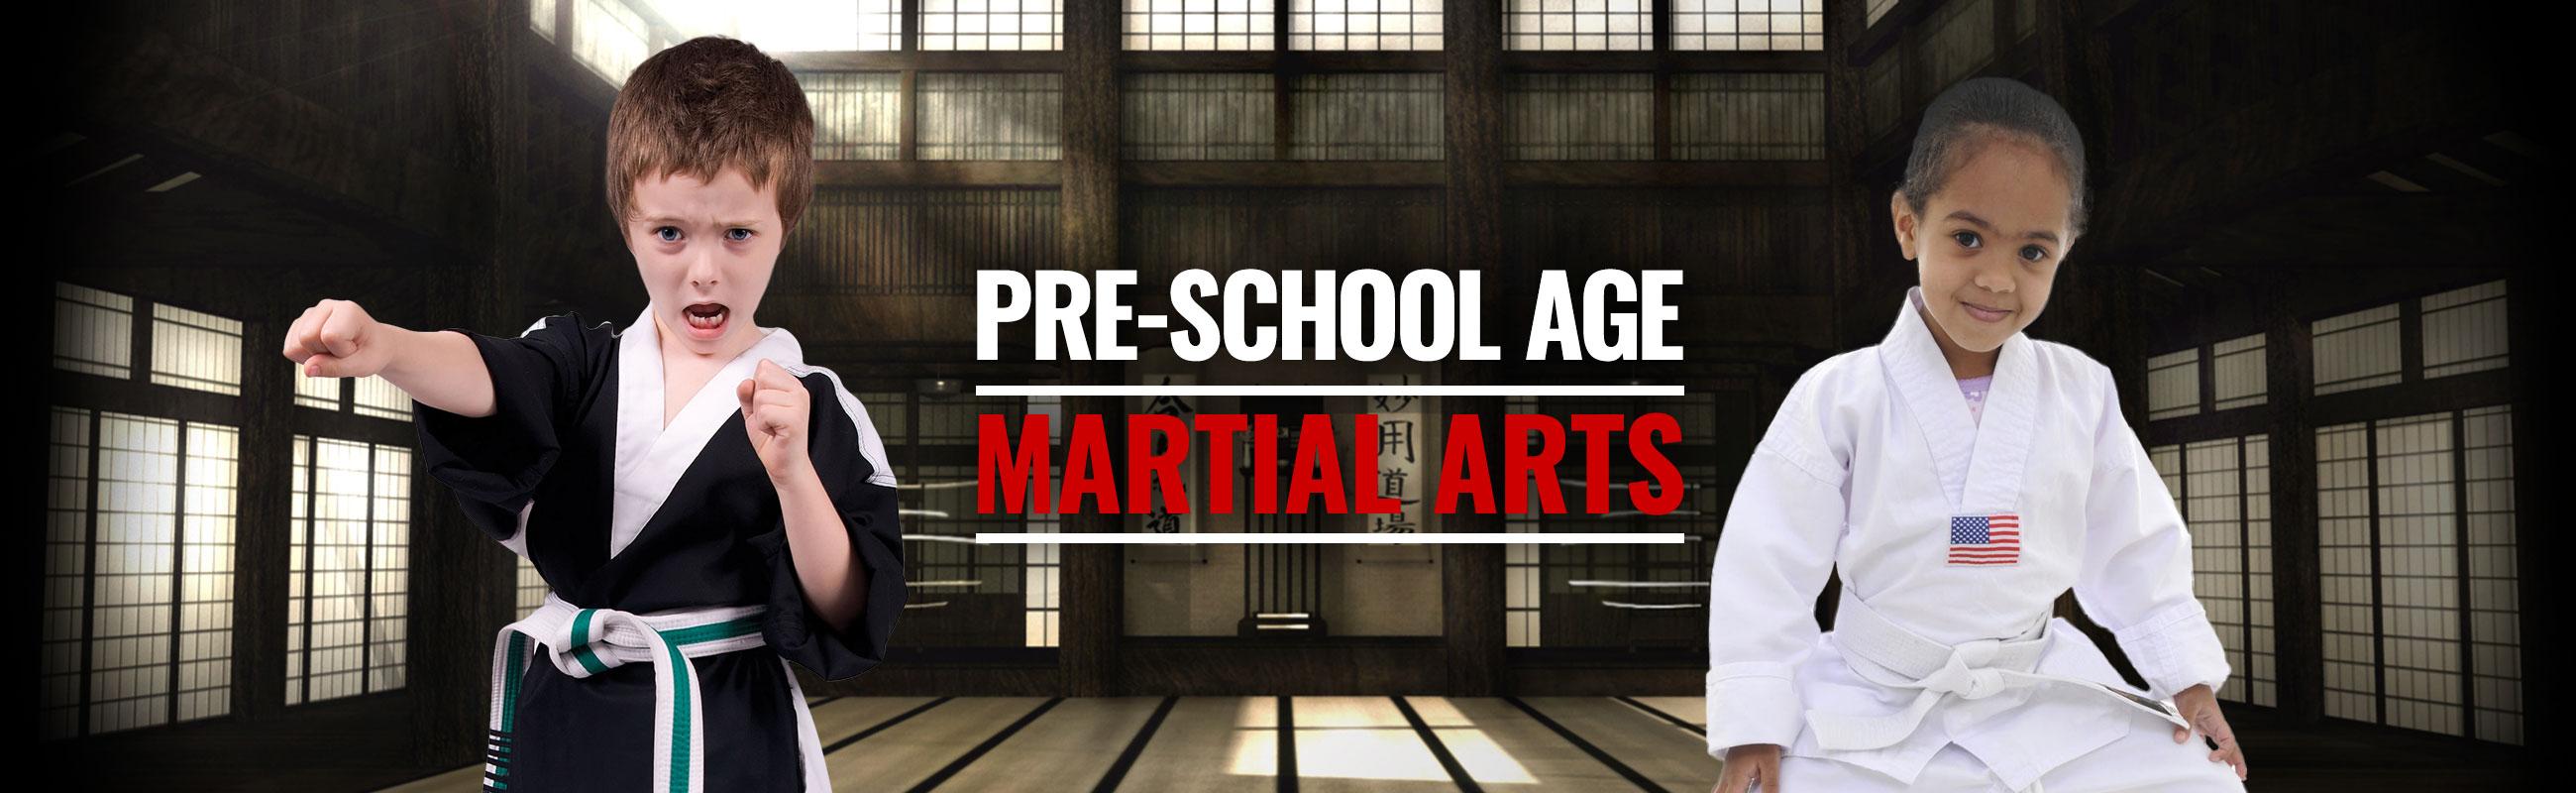 pre school age martial arts